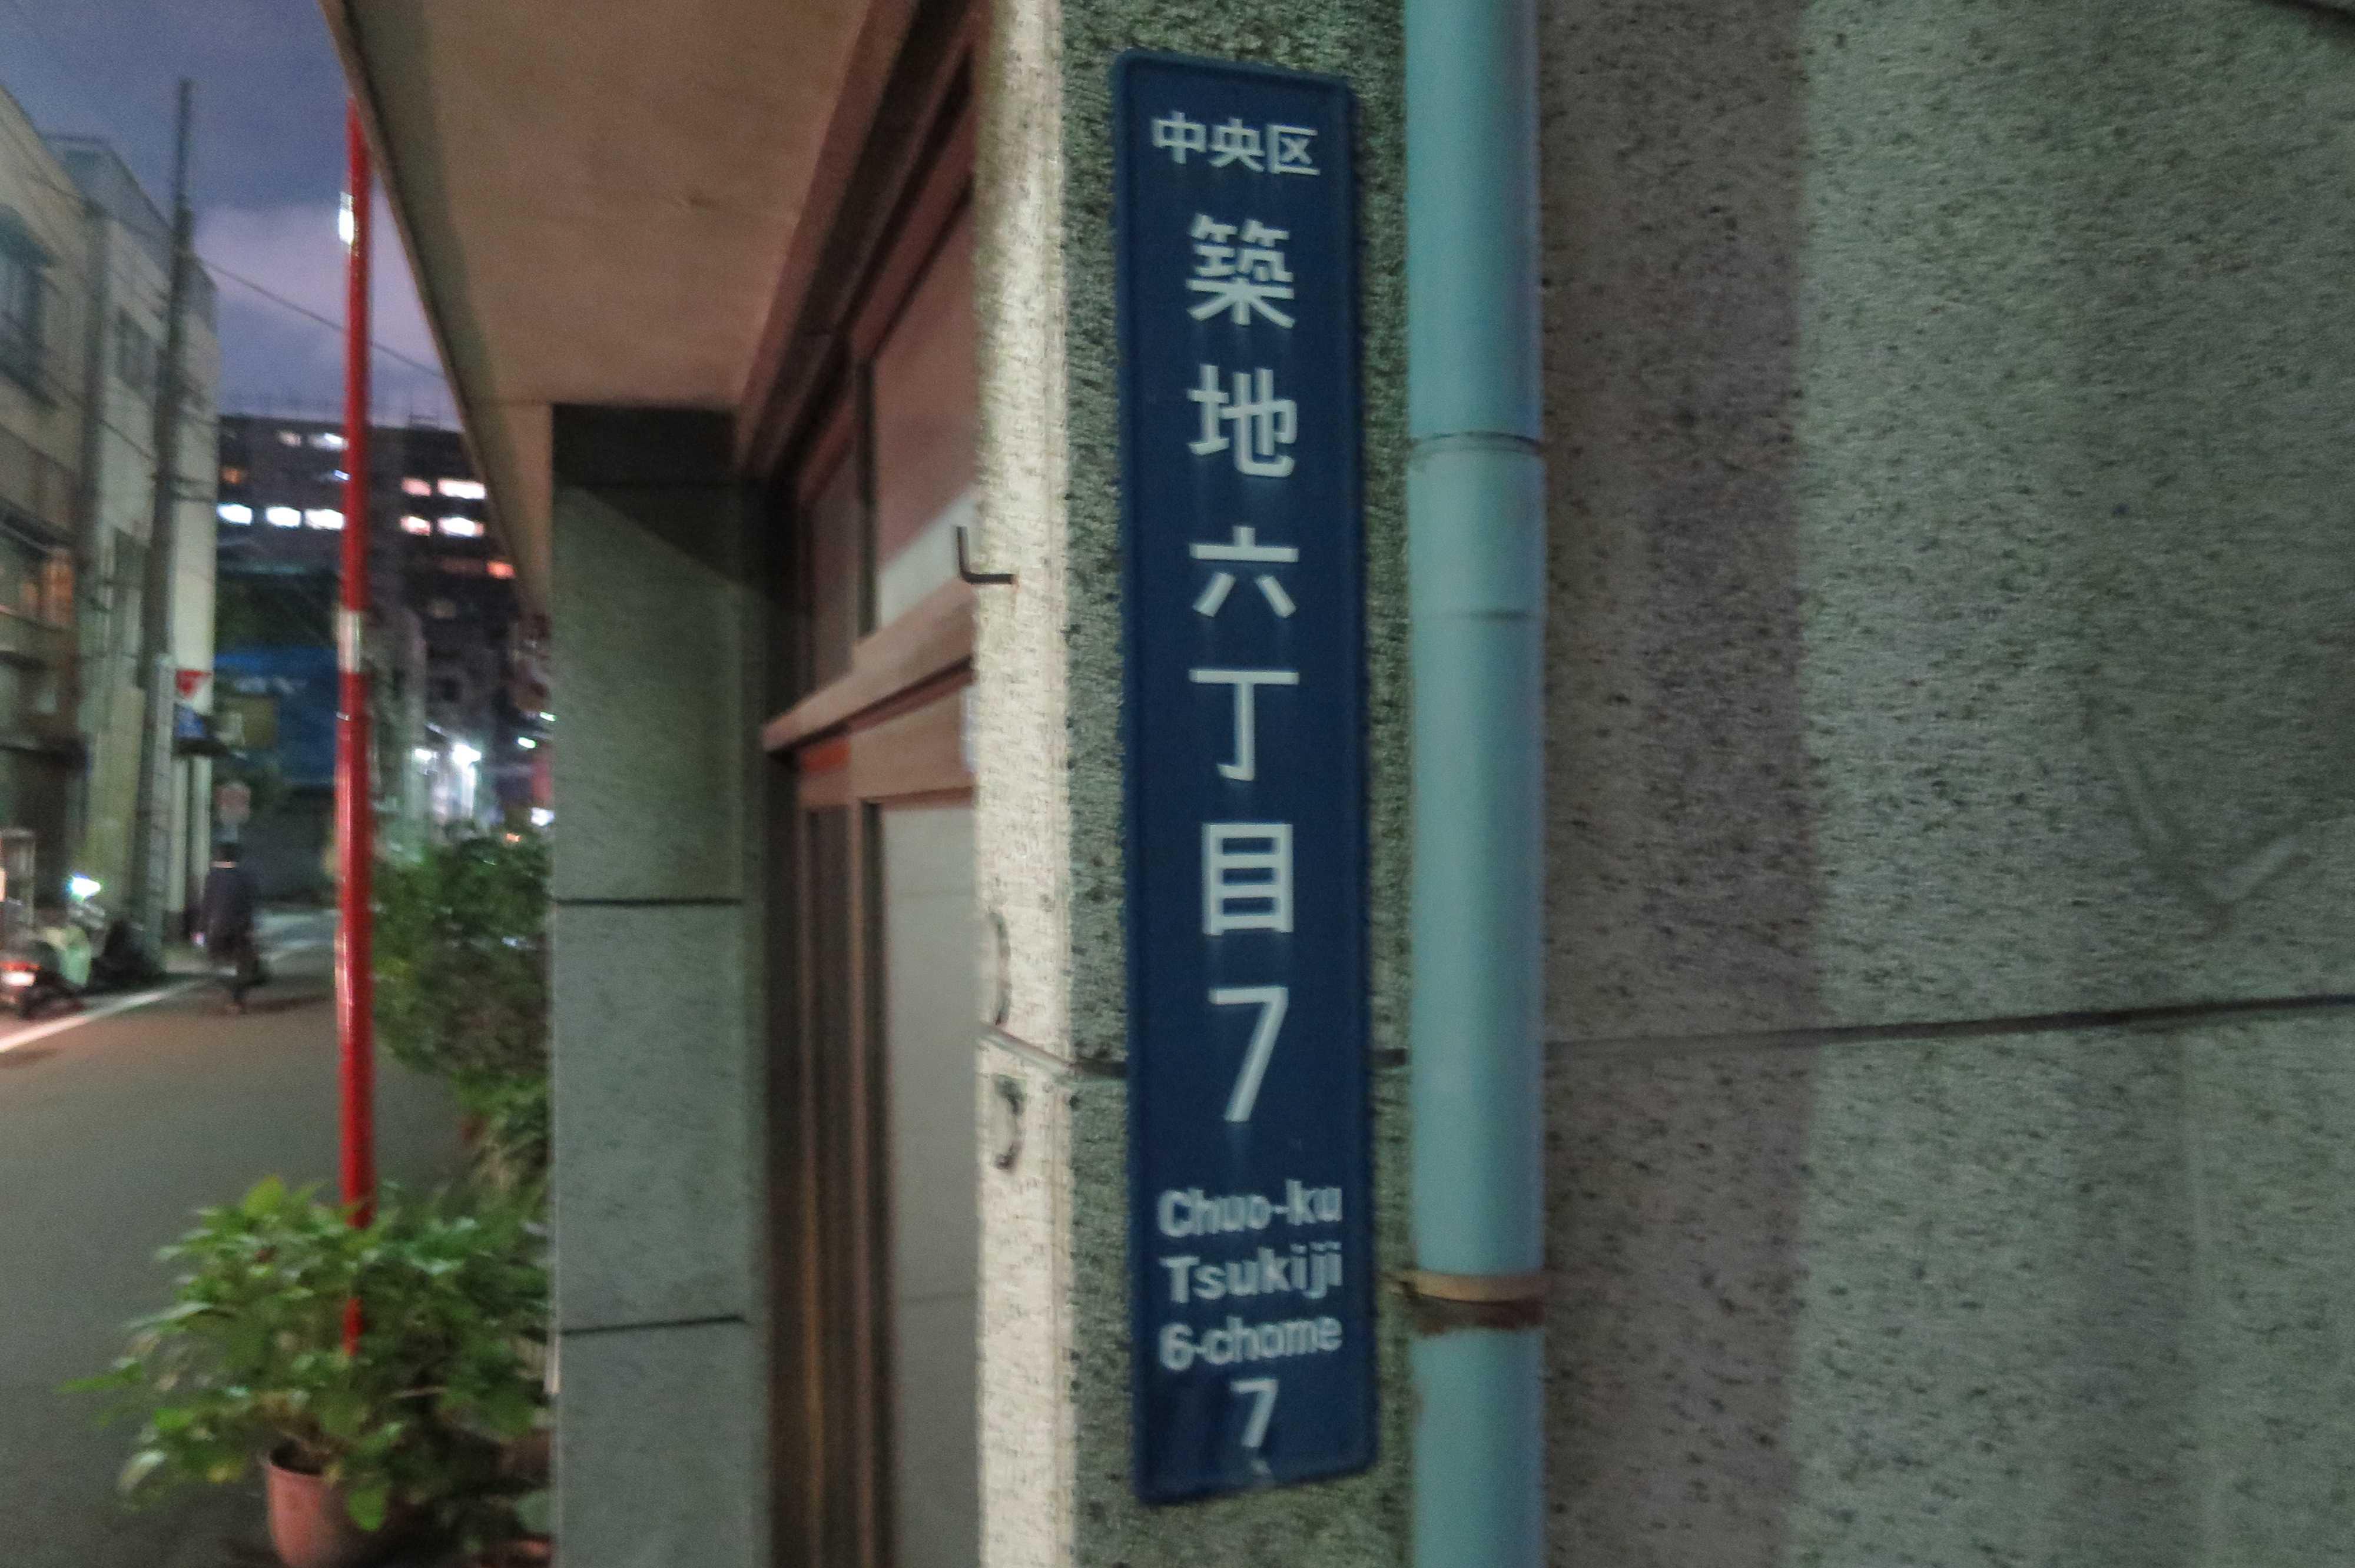 築地エリア - 東京都中央区築地六丁目の街区表示板